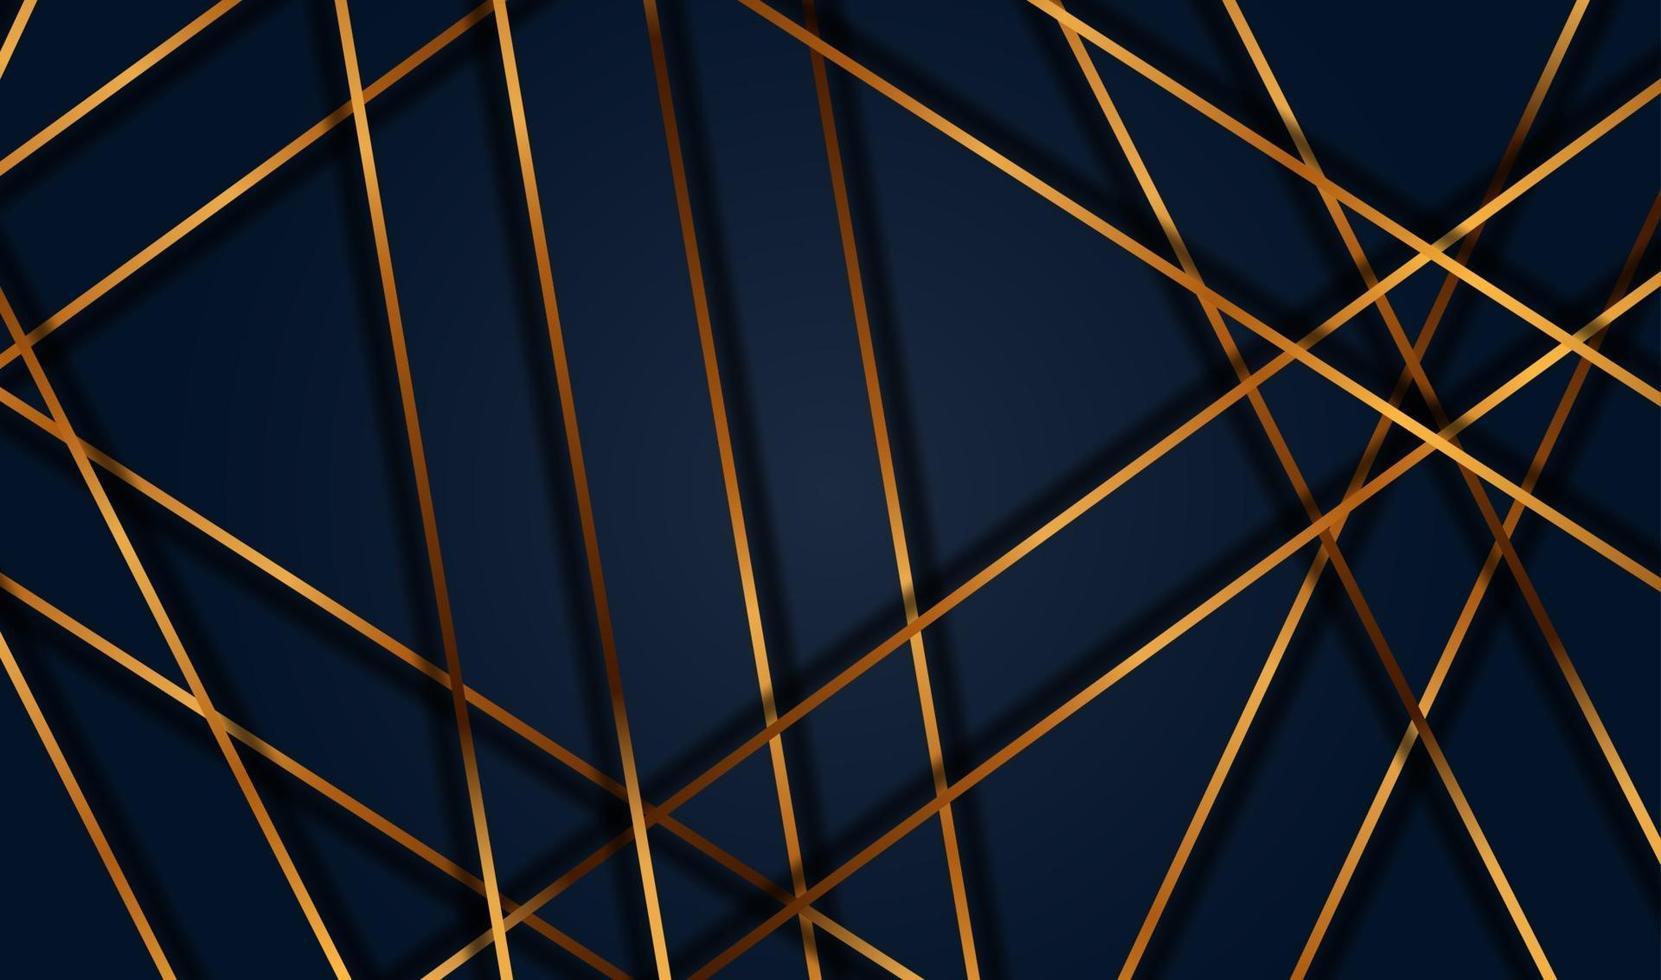 Fondo de oro de lujo cortado en papel con textura de metal 3d abstracto, para tarjeta de regalo, póster en la plantilla de póster de pared, página de destino, ui, ux, libro de portada, pancarta, vector